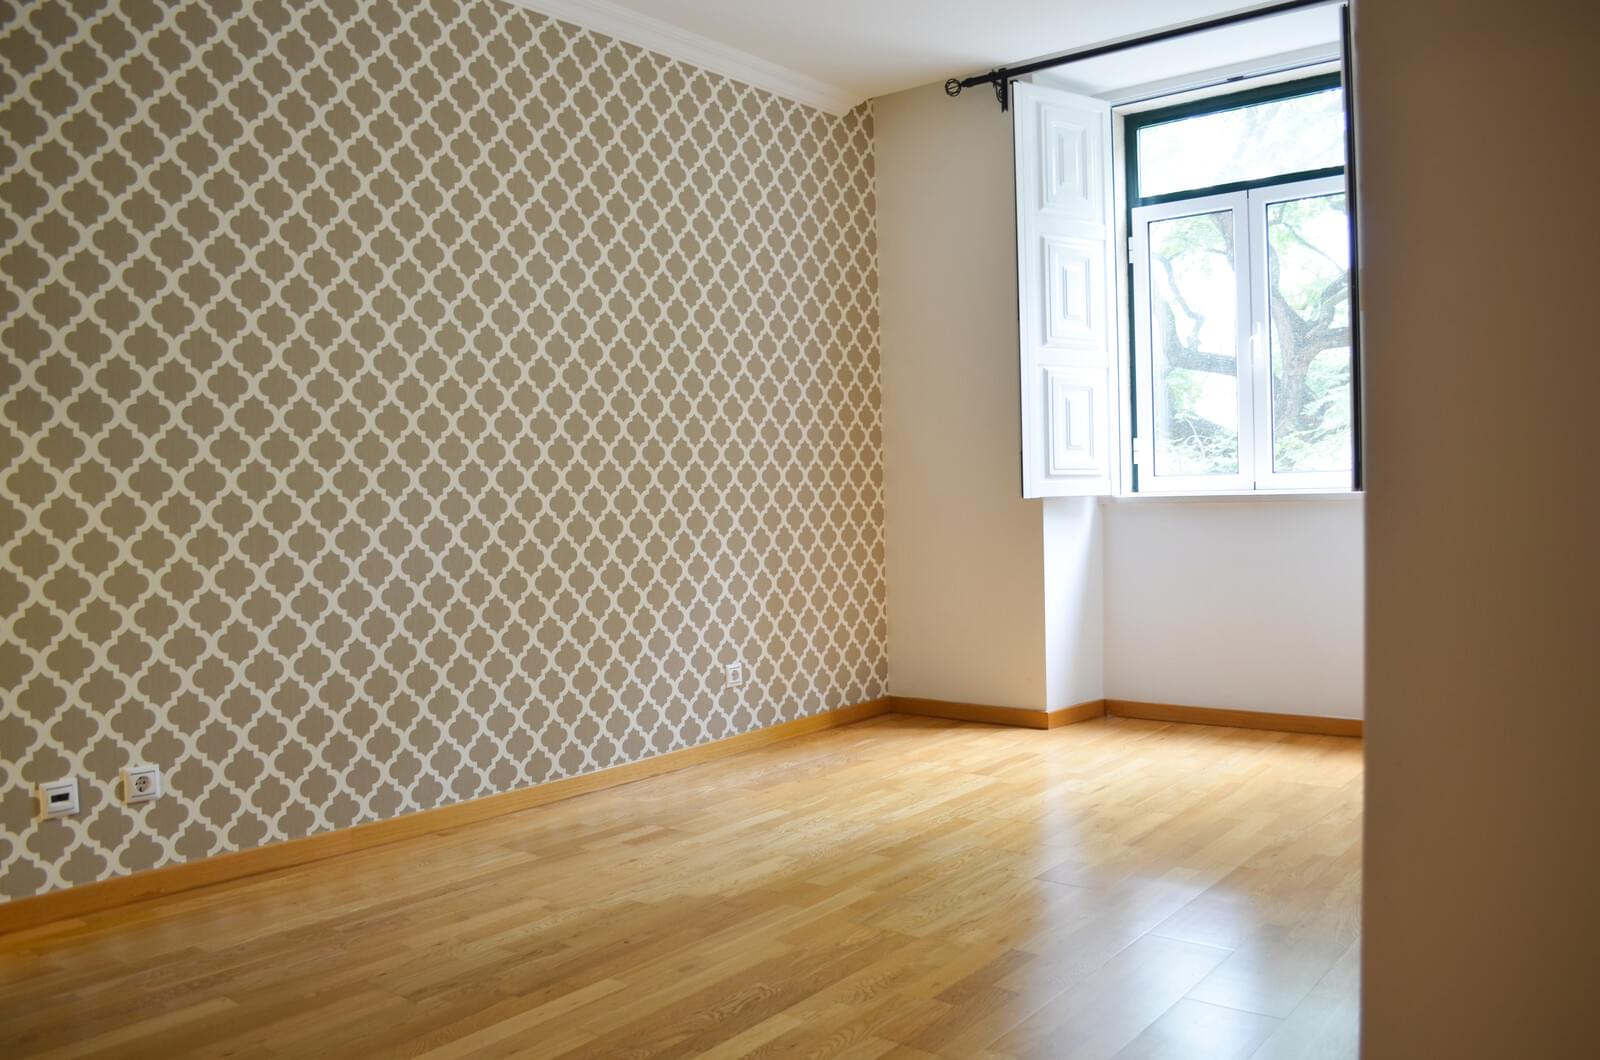 pf18839-apartamento-t2-lisboa-a7c80437-3fab-4fd5-a5f4-ca1ba2bfed93